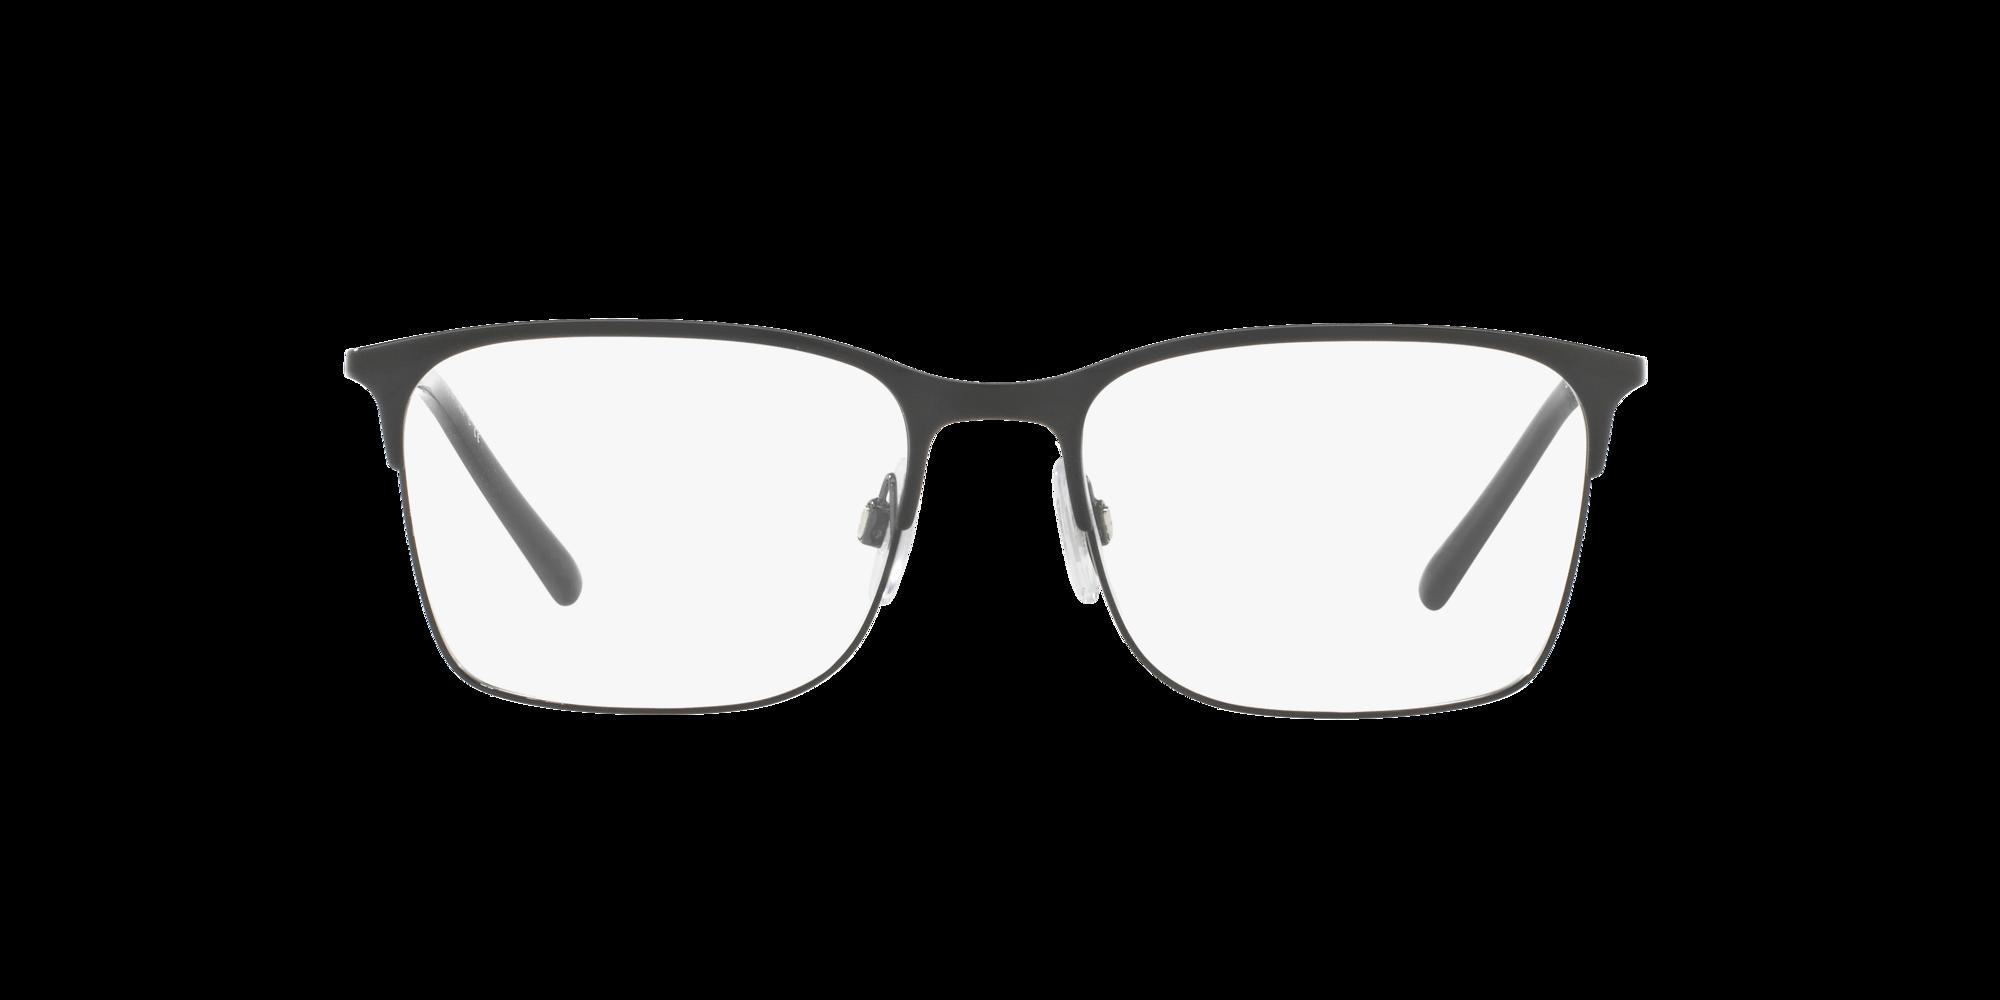 Imagen para DG1289 de LensCrafters |  Espejuelos, espejuelos graduados en línea, gafas